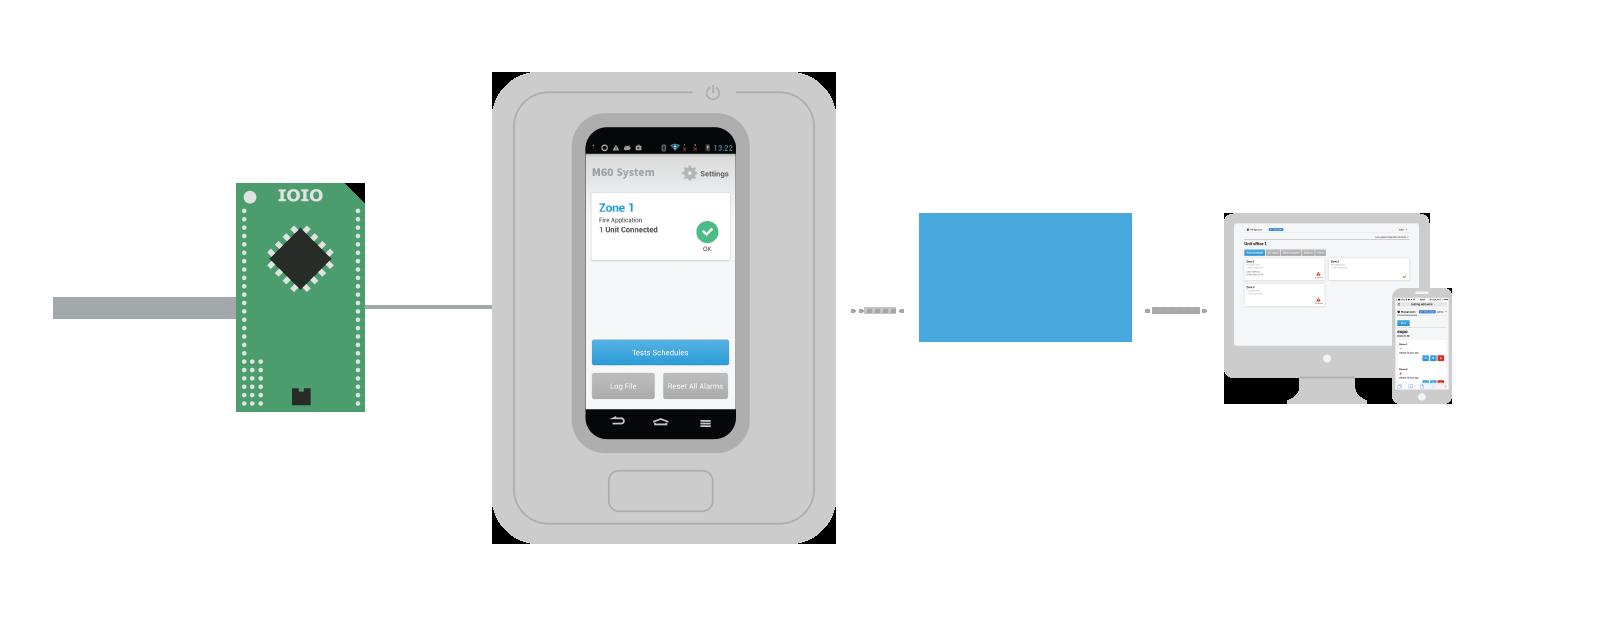 ה-IOIO קולט נתונים מהדמפרים ומעביר אותם לאפליקציית האנדרואיד הלוקאלית שמשמשת גשר להעברת הנתונים לענן. כך המשתמש יכול לגשת למכשיר הלוקאלי או מכל מקום אחר דרך המחשב או הטלפון הנייד.